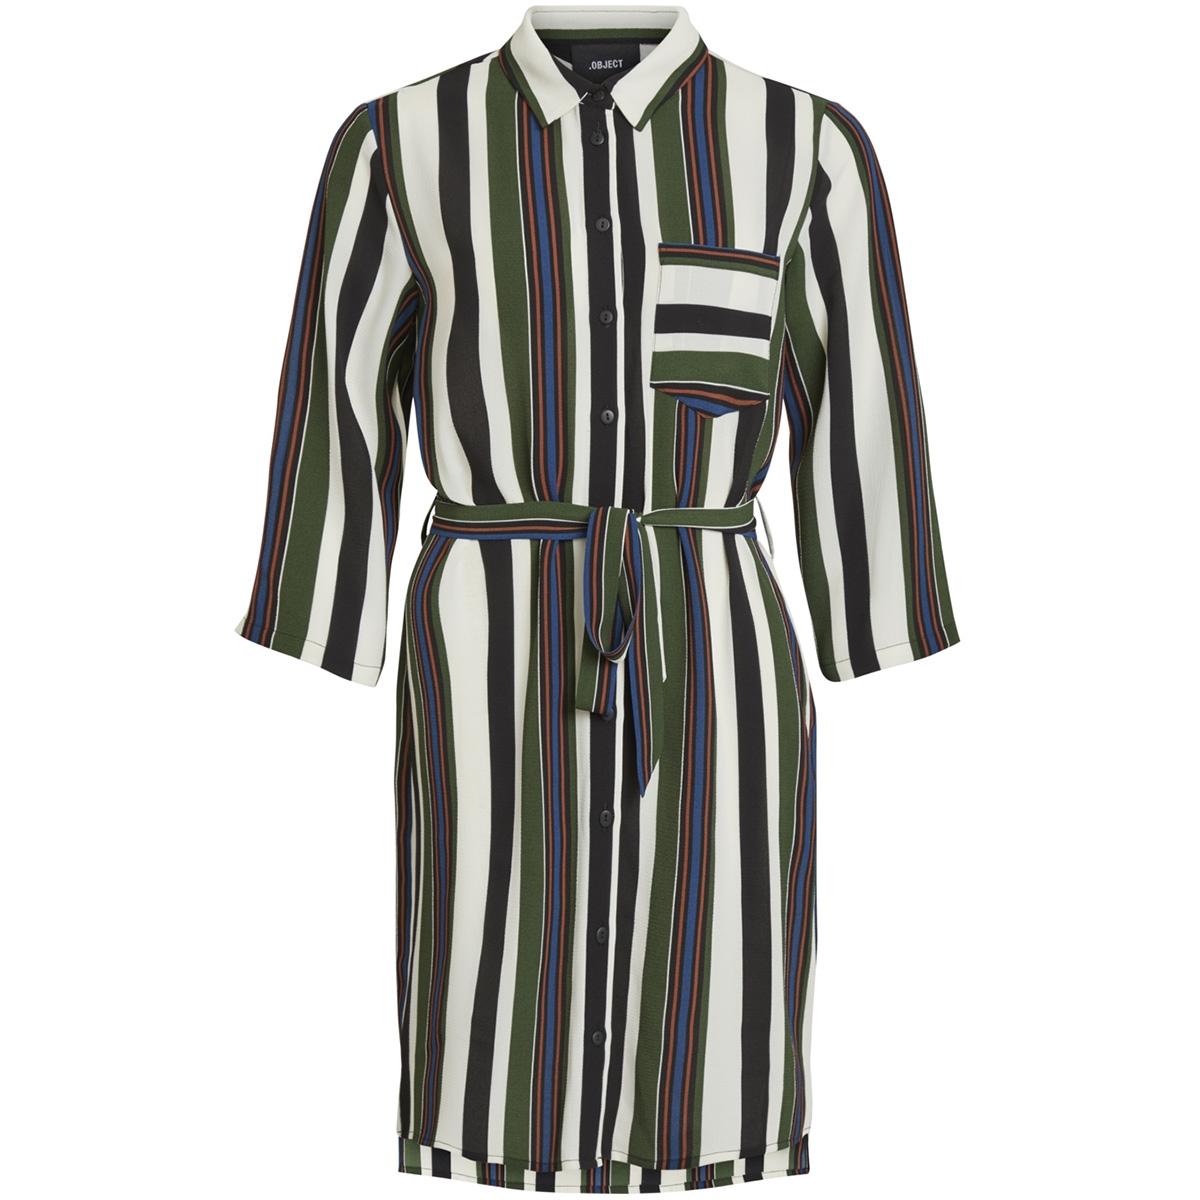 objtess karen 3/4 shirt dress rep 23027228 object jurk black/black forest